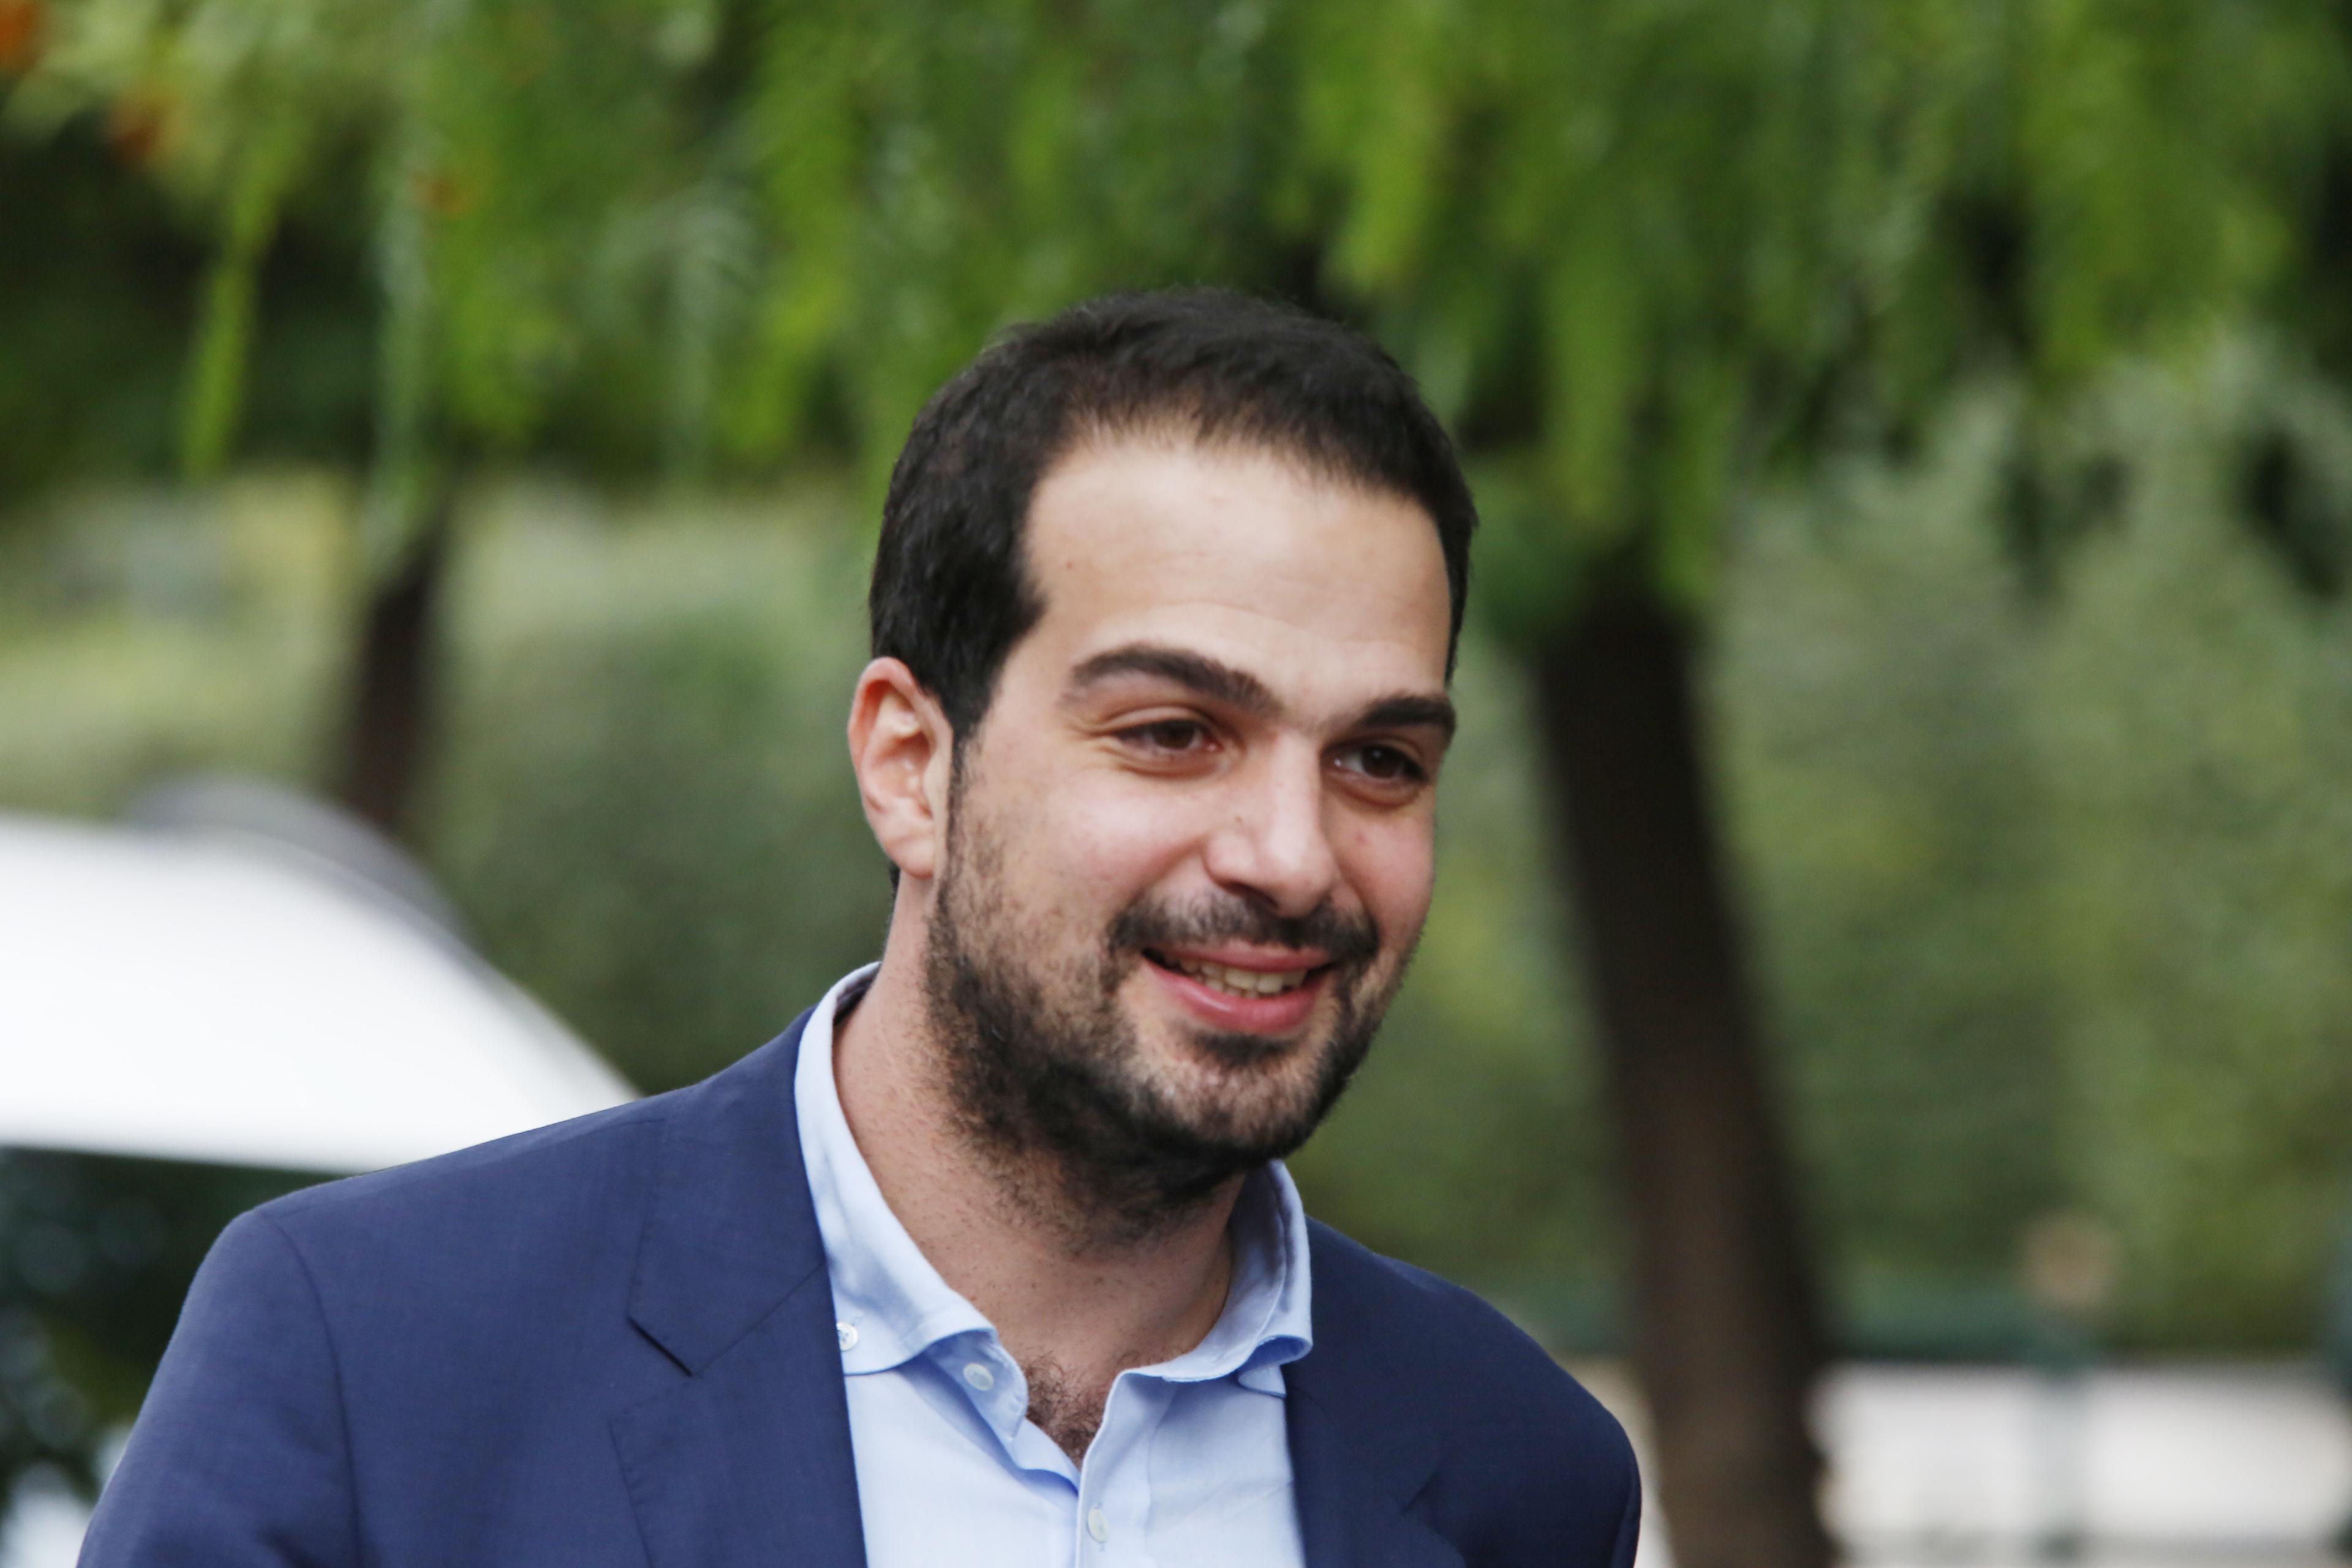 Παραιτήθηκε από δημοτικός σύμβουλος ο Γ. Σακελλαρίδης   tovima.gr